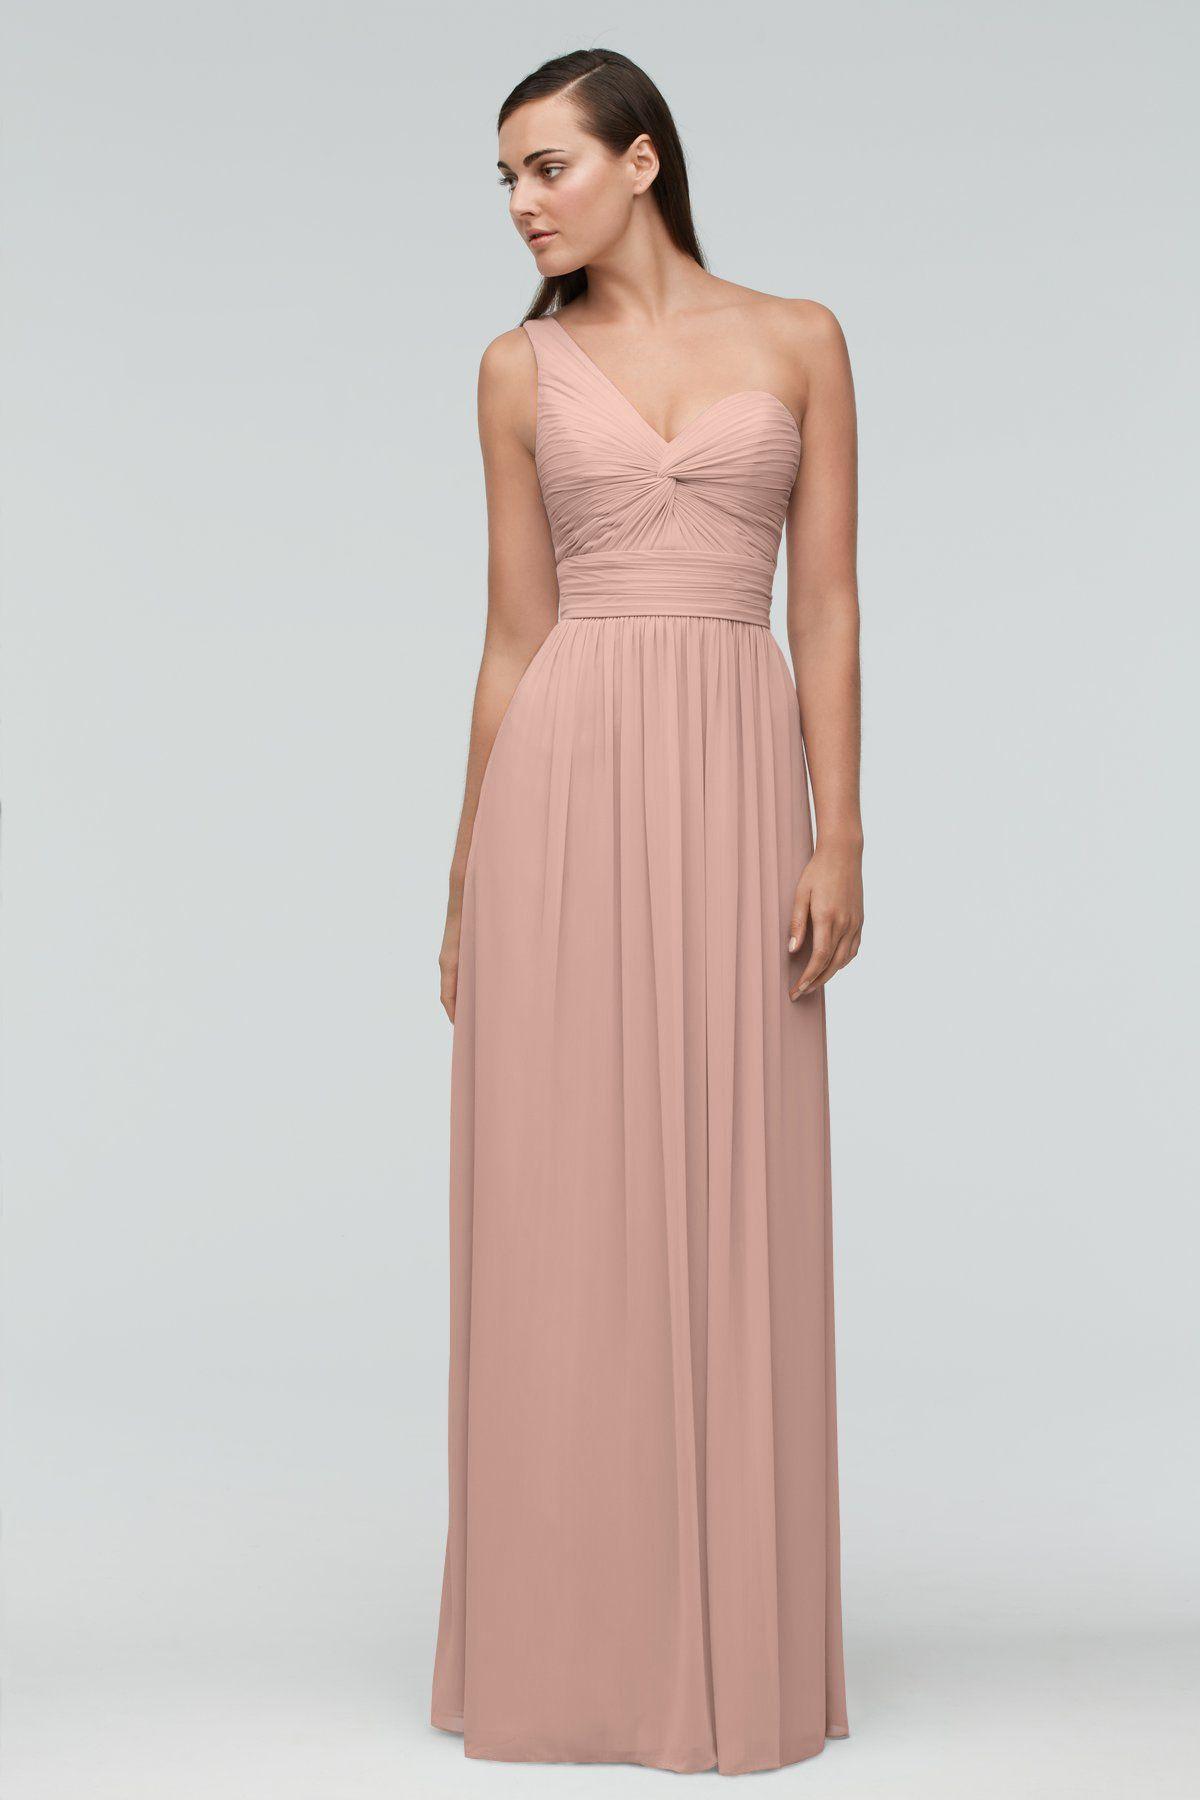 Asombroso Wtoo Precios Vestidos De Dama Imagen - Ideas de Vestido ...